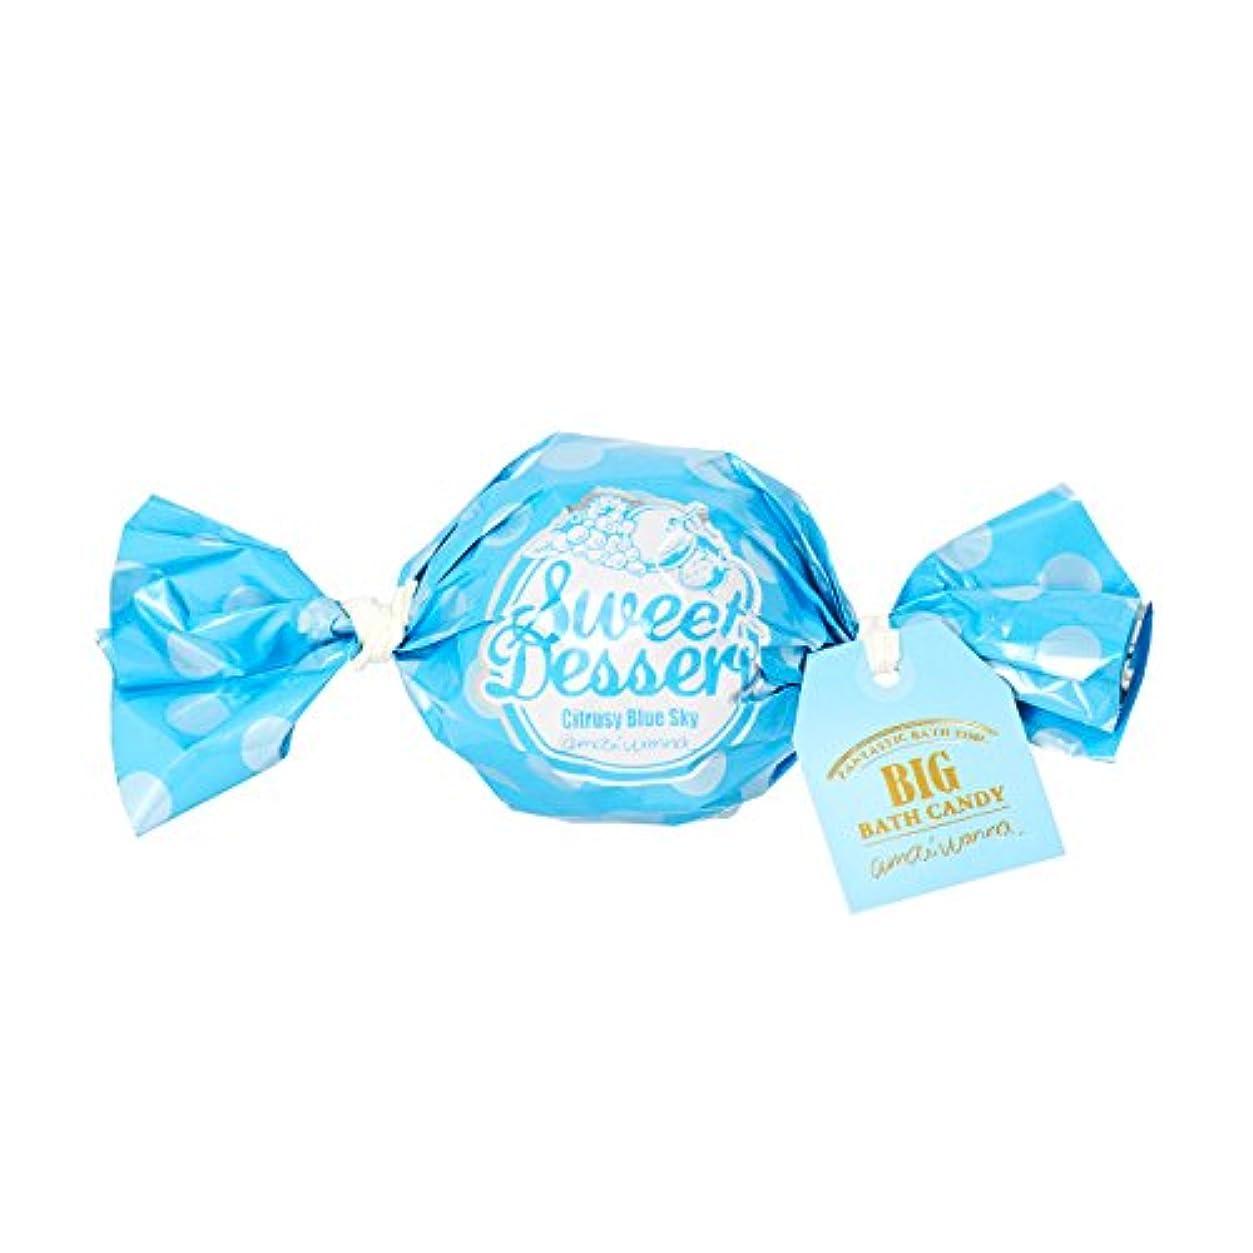 博物館ソファー藤色アマイワナ ビッグバスキャンディー 青空シトラス 100g(発泡タイプ入浴料 おおらかで凛としたシトラスの香り)